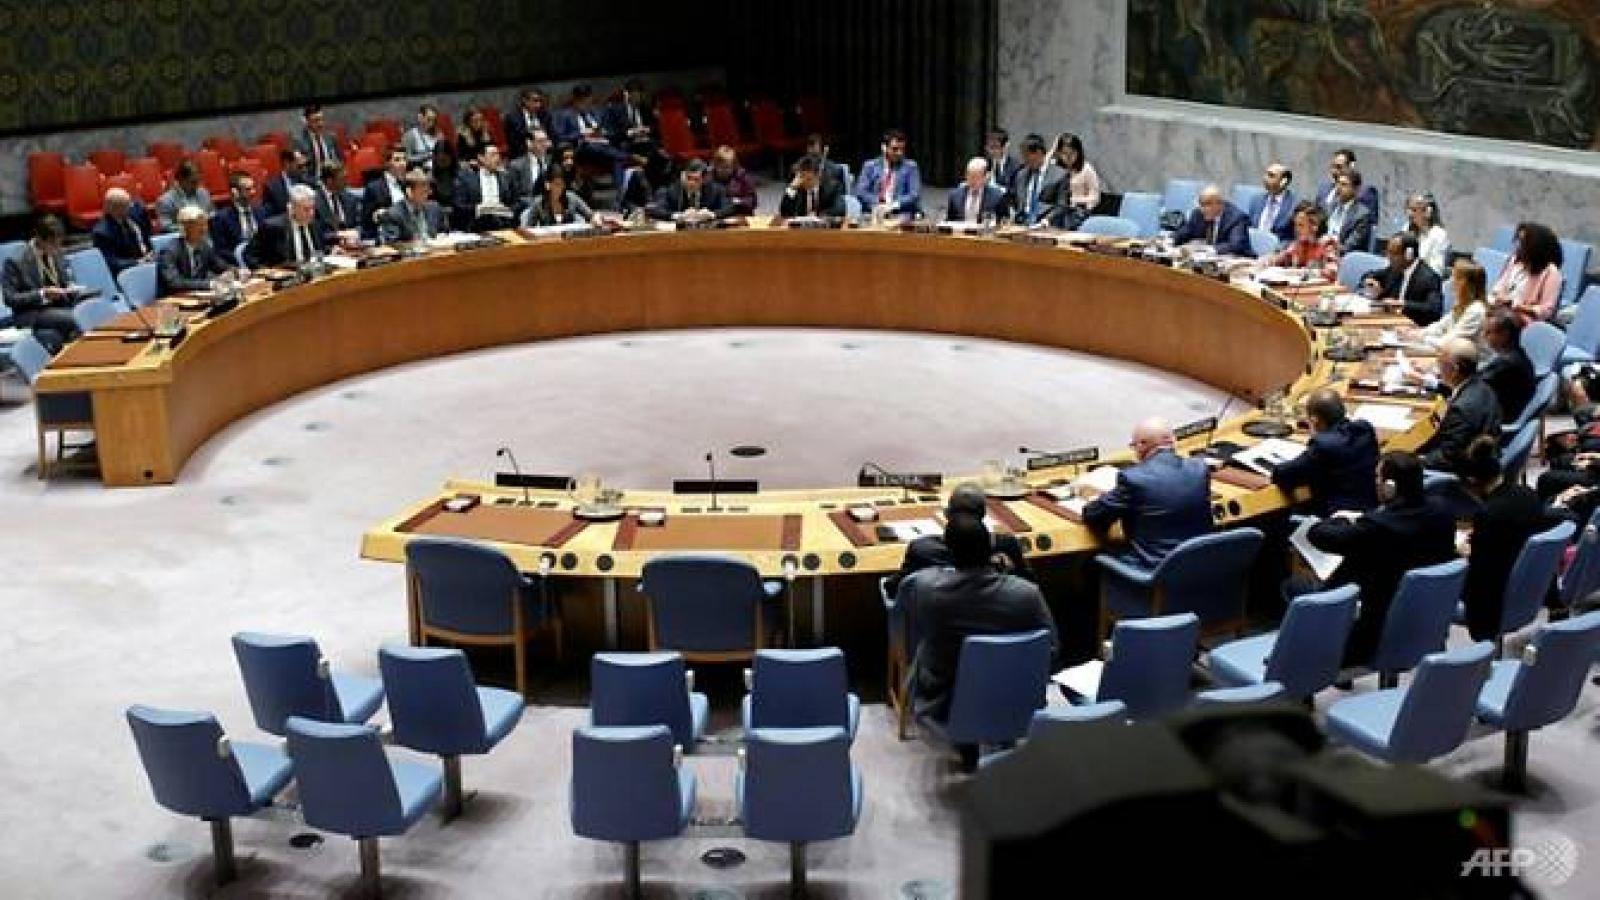 Hội đồng Bảo an họp kín sau khi bị Triều Tiên chỉ trích thể hiện tiêu chuẩn kép